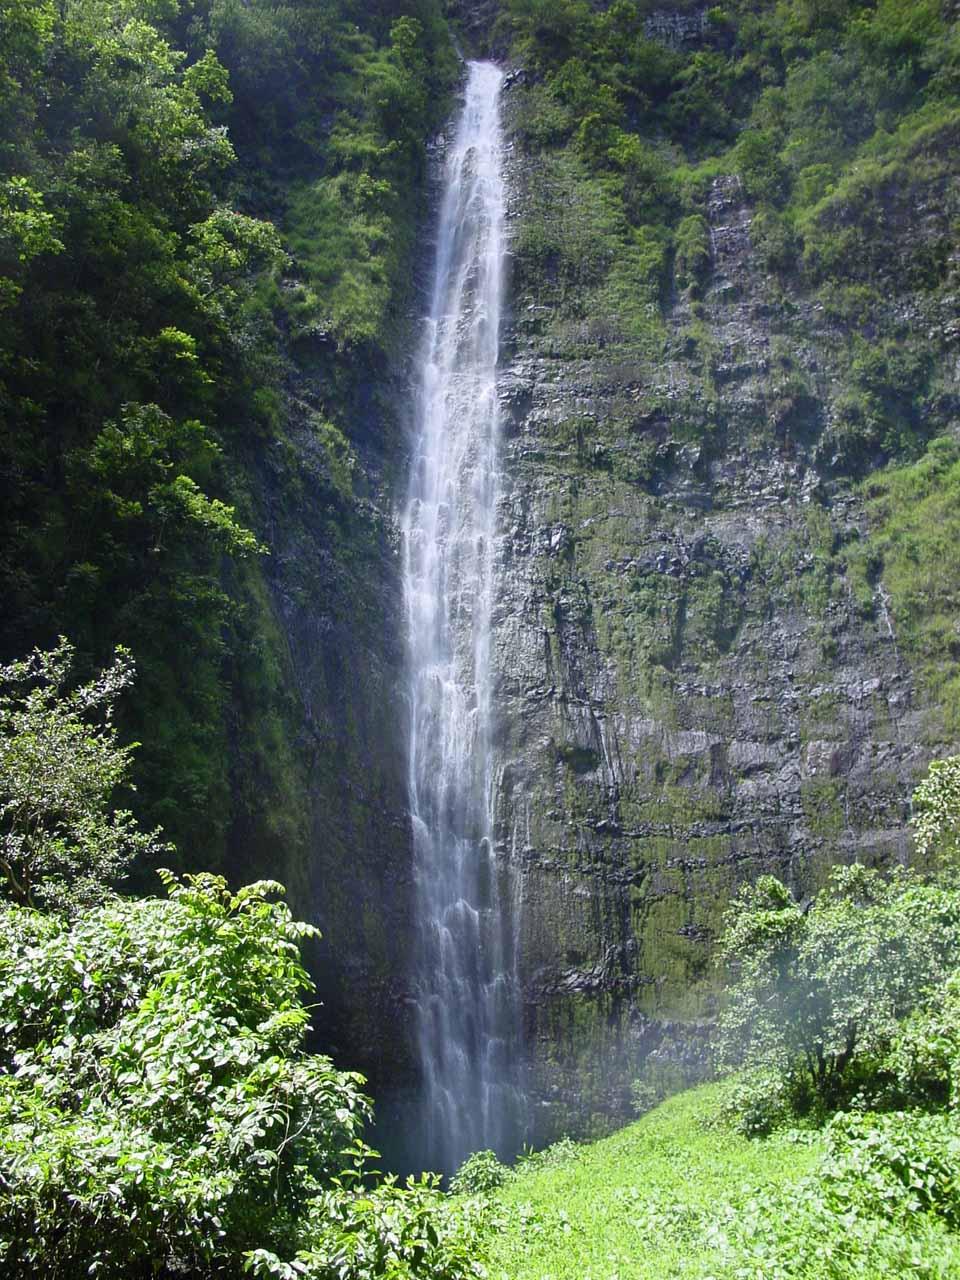 1. WAIMOKU FALLS [Haleakala National Park, Maui]